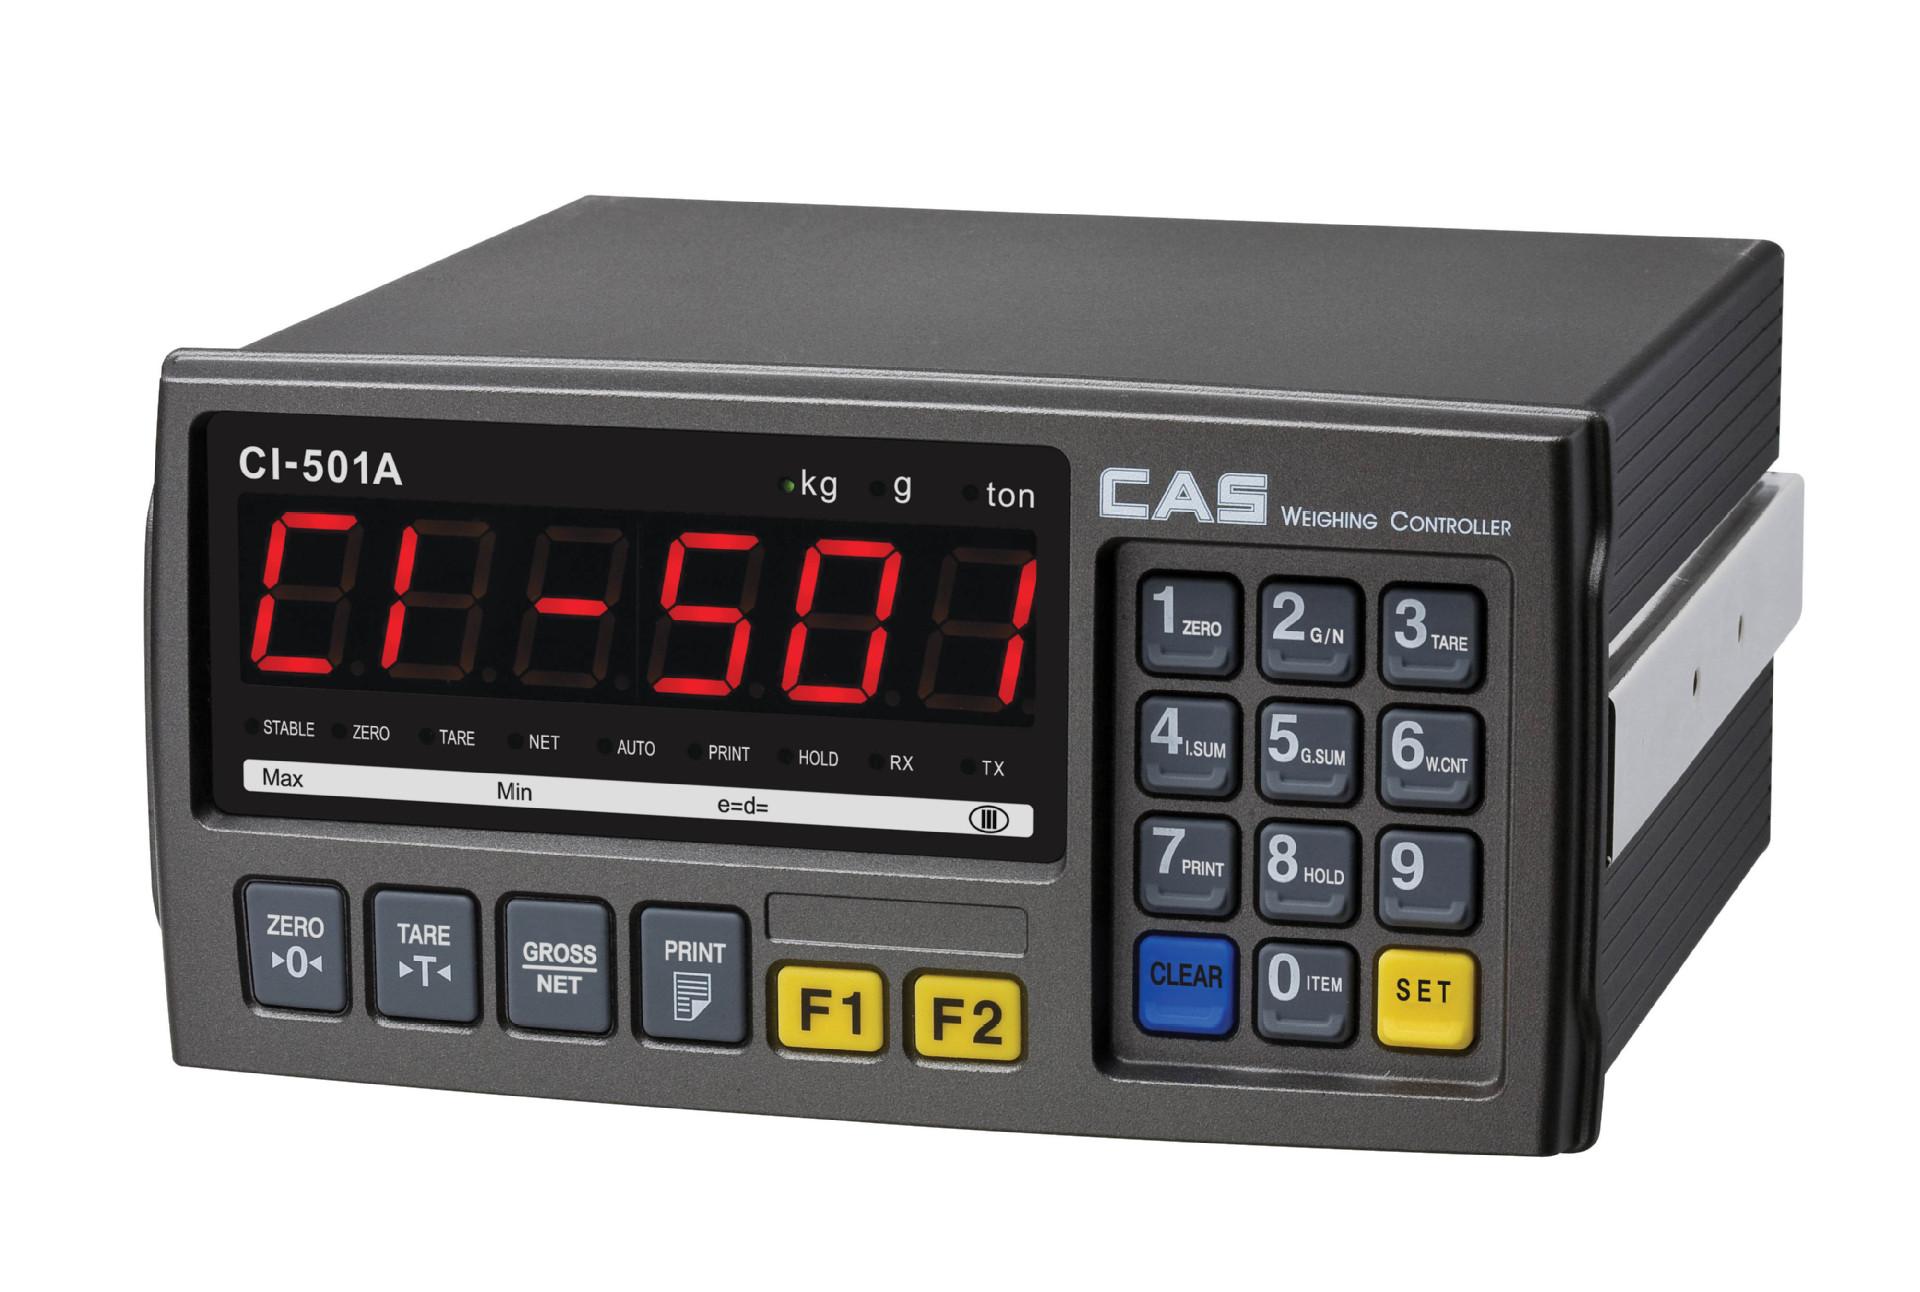 称重仪表厂家 CI-507A型称重仪表